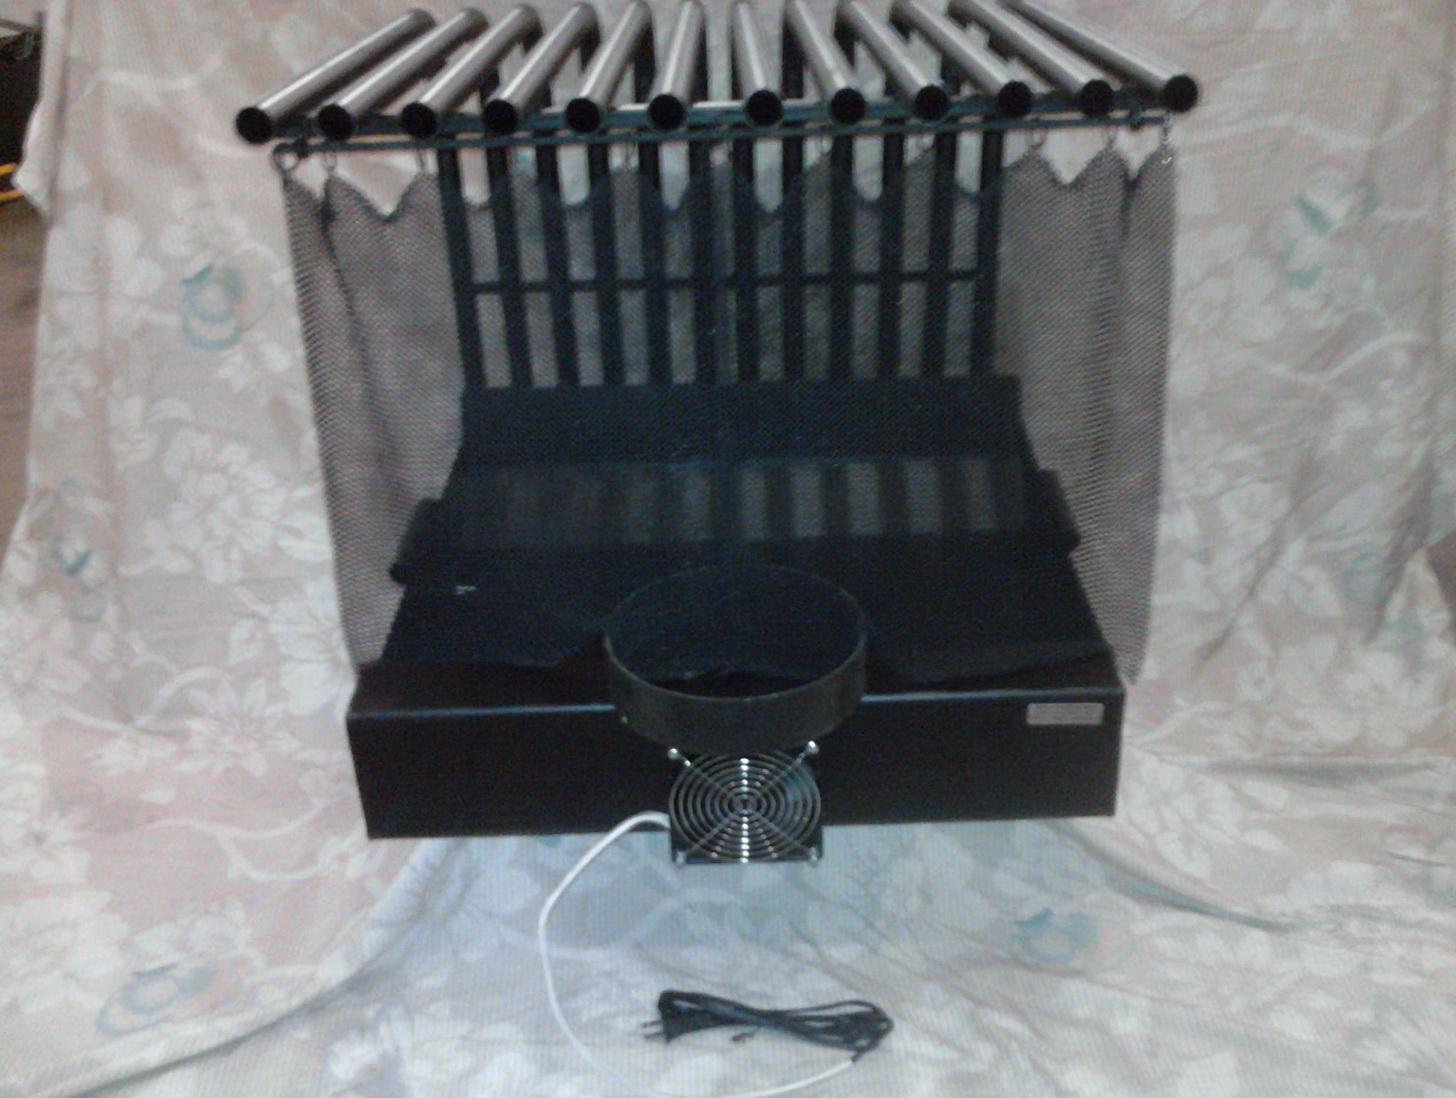 Fireplace Grate Heater Heat Exchanger Home Design Ideas